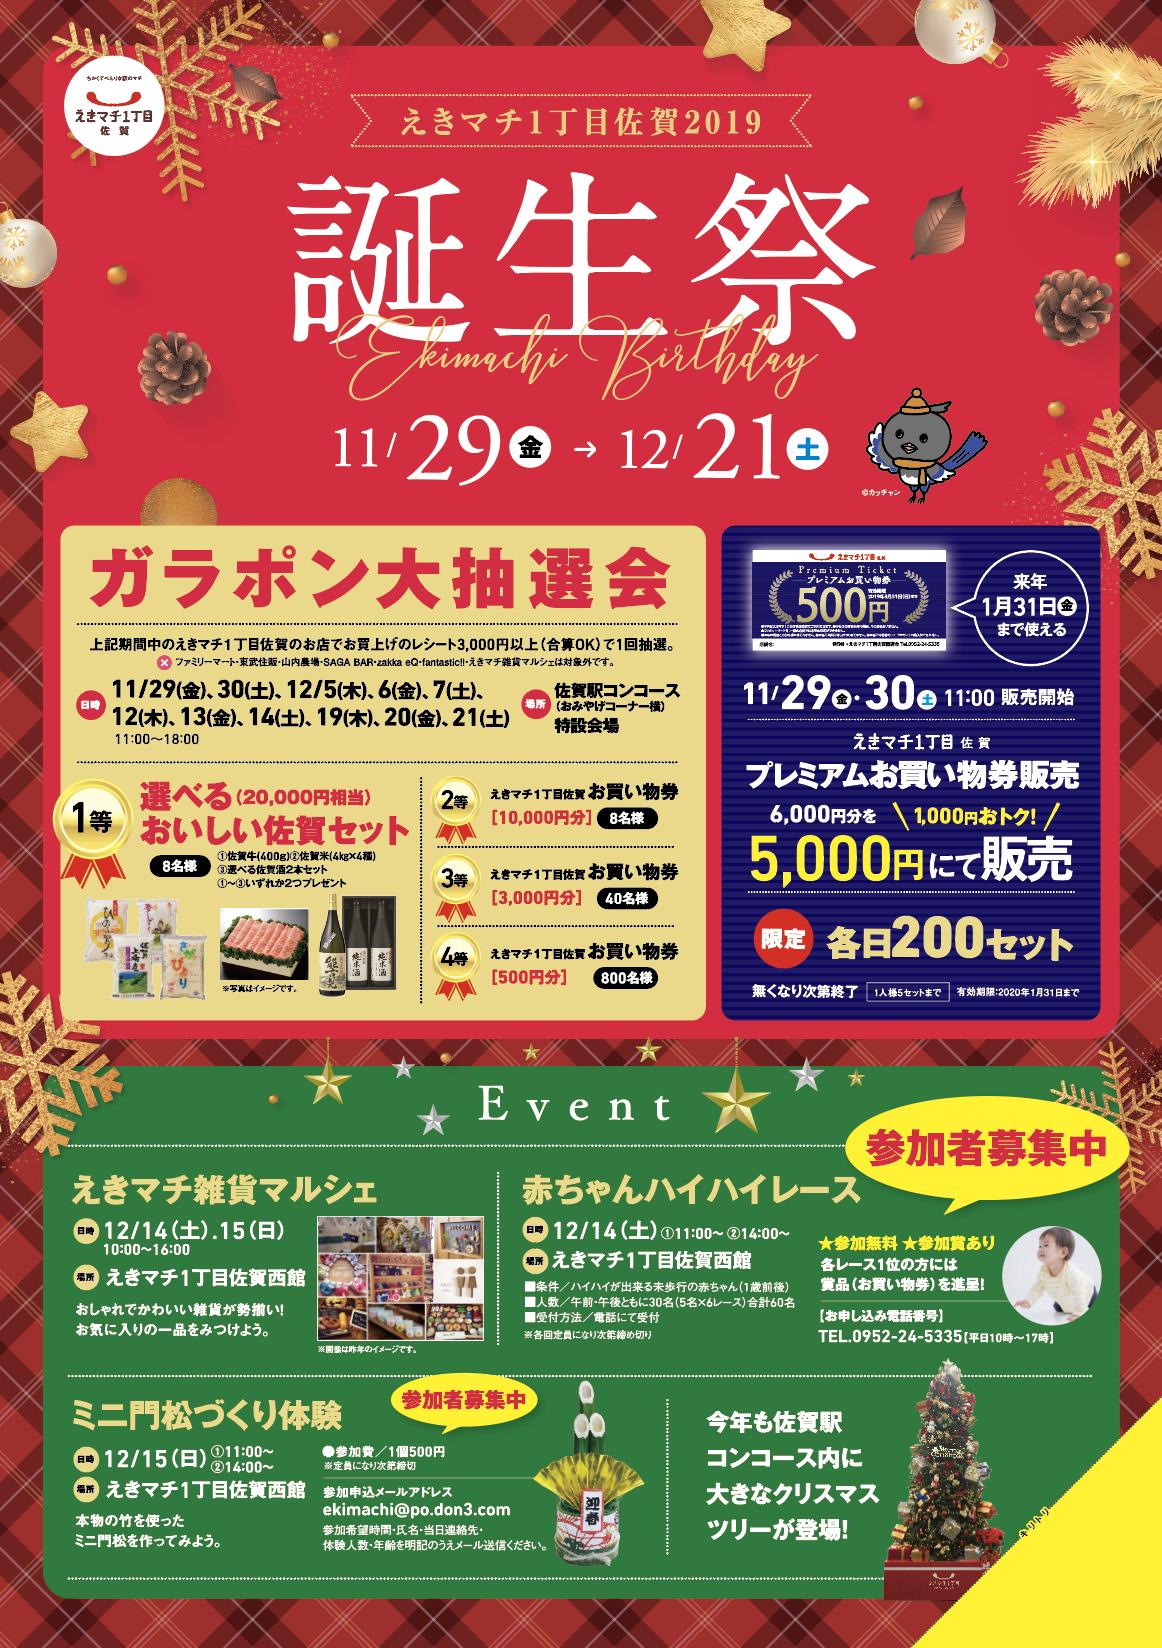 JR佐賀駅、えきマチ雑貨マルシェに出展します